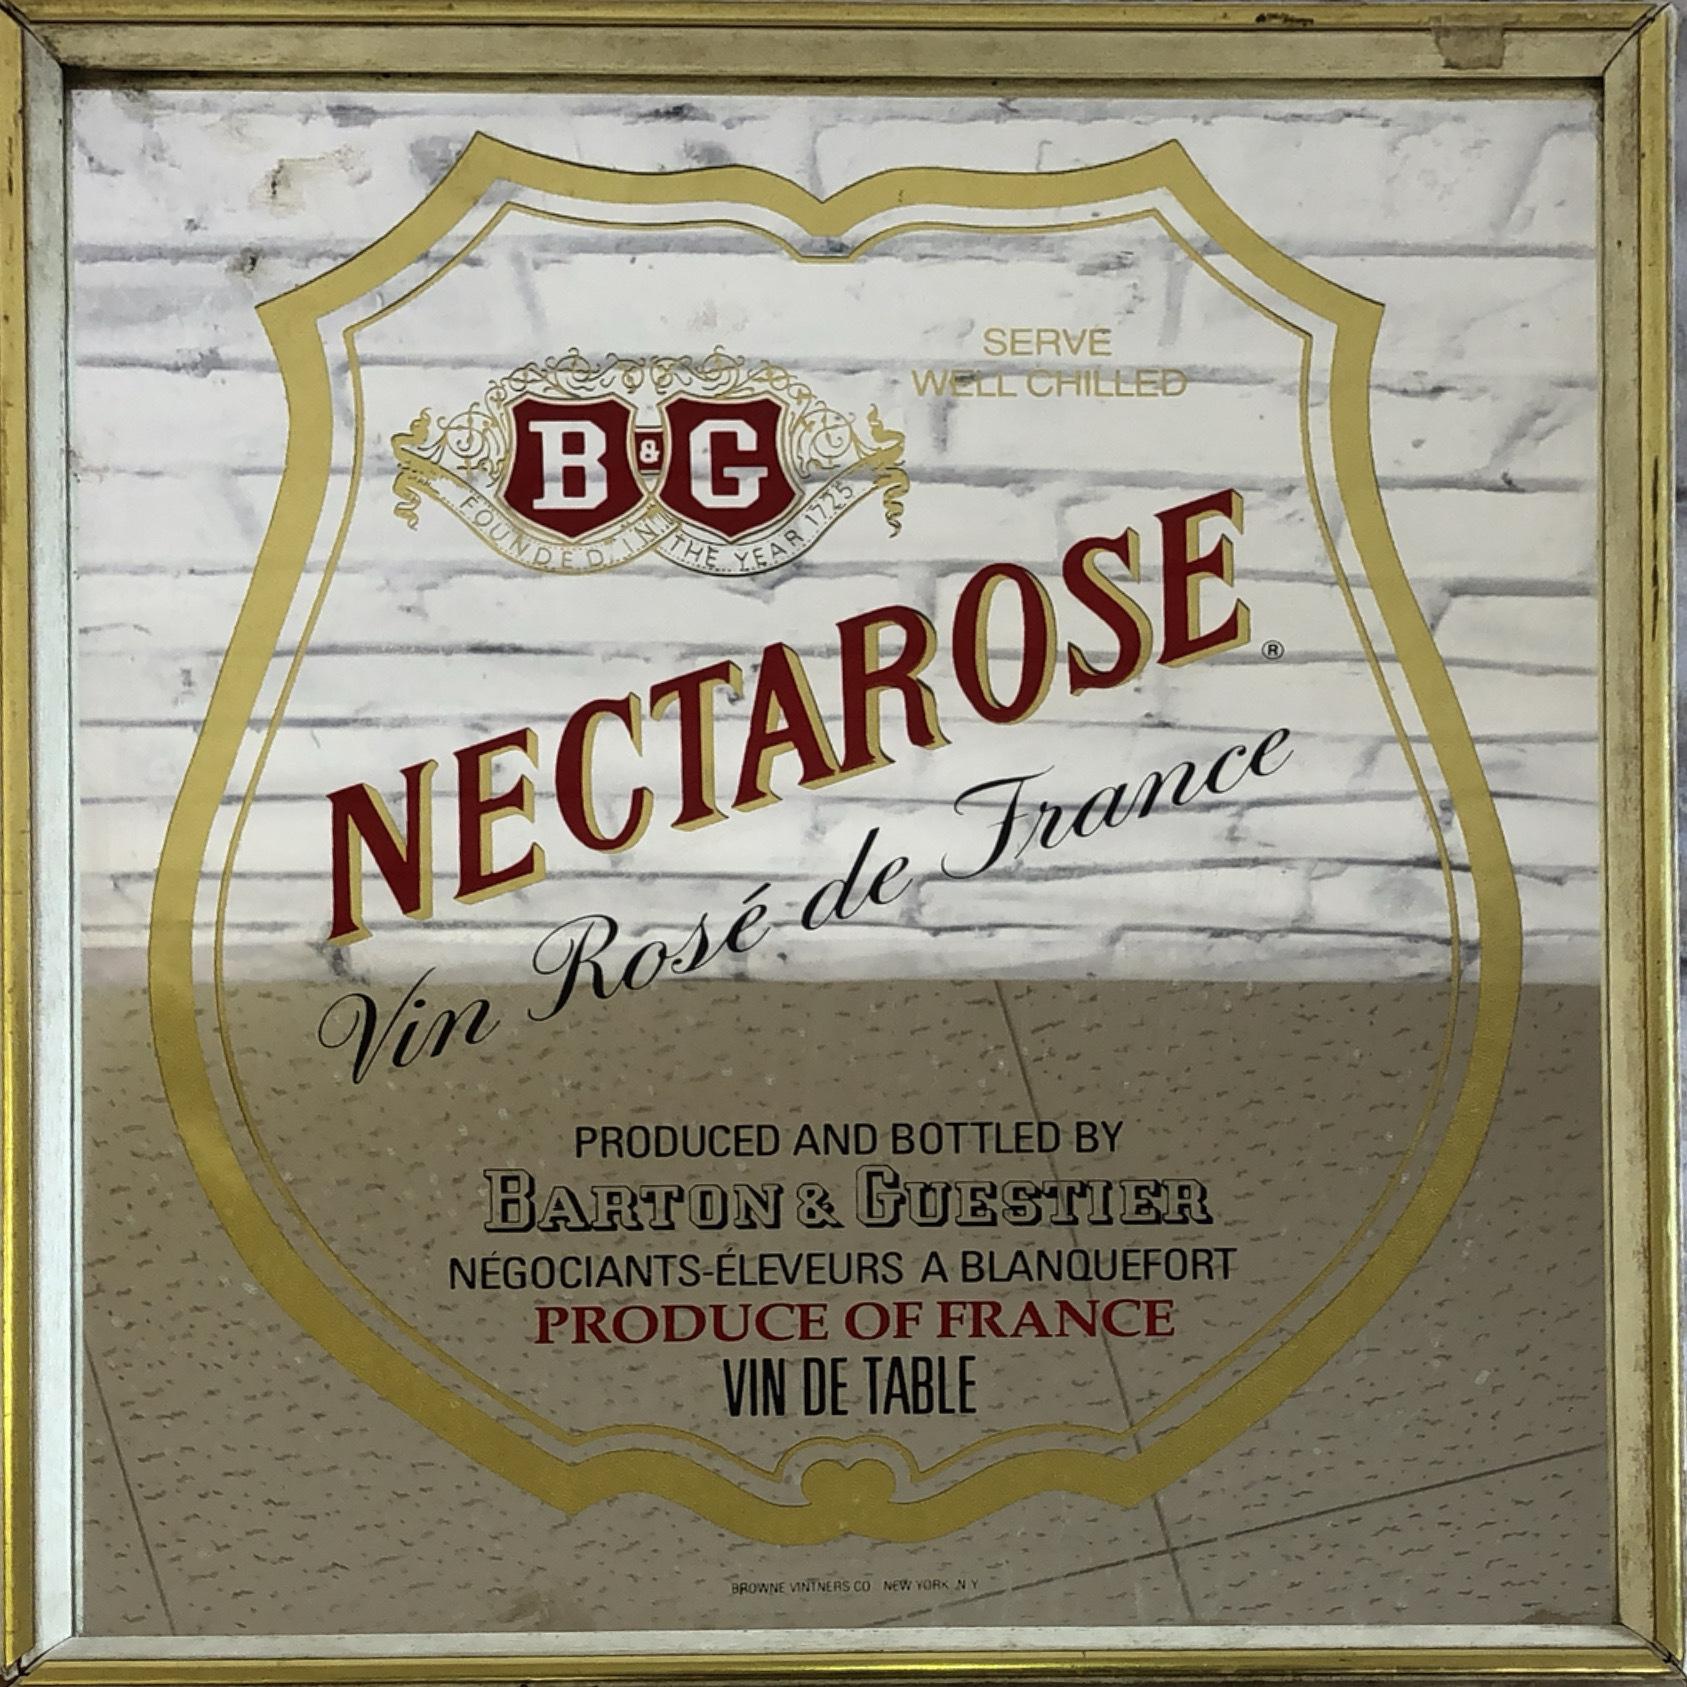 品番0716 パブミラー 『NECTAROSE(ネクタロス)』 鏡 ヴィンテージ壁掛 アート ディスプレイ アメリカン雑貨